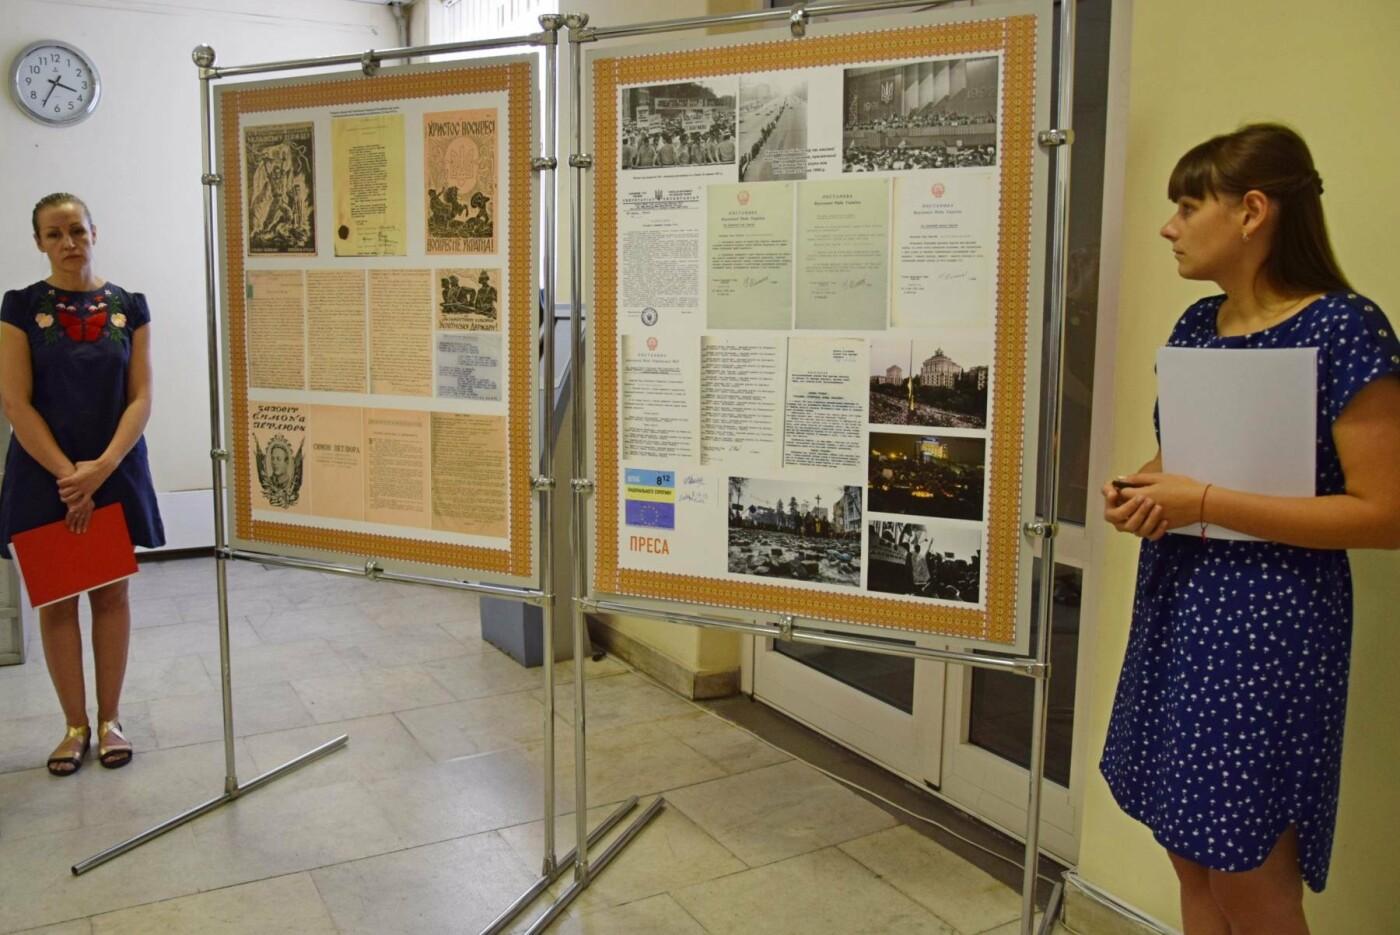 «Слава Украине! Героям Слава!»: каменчанам покажут газету с первой публикацией исторического лозунга, фото-1